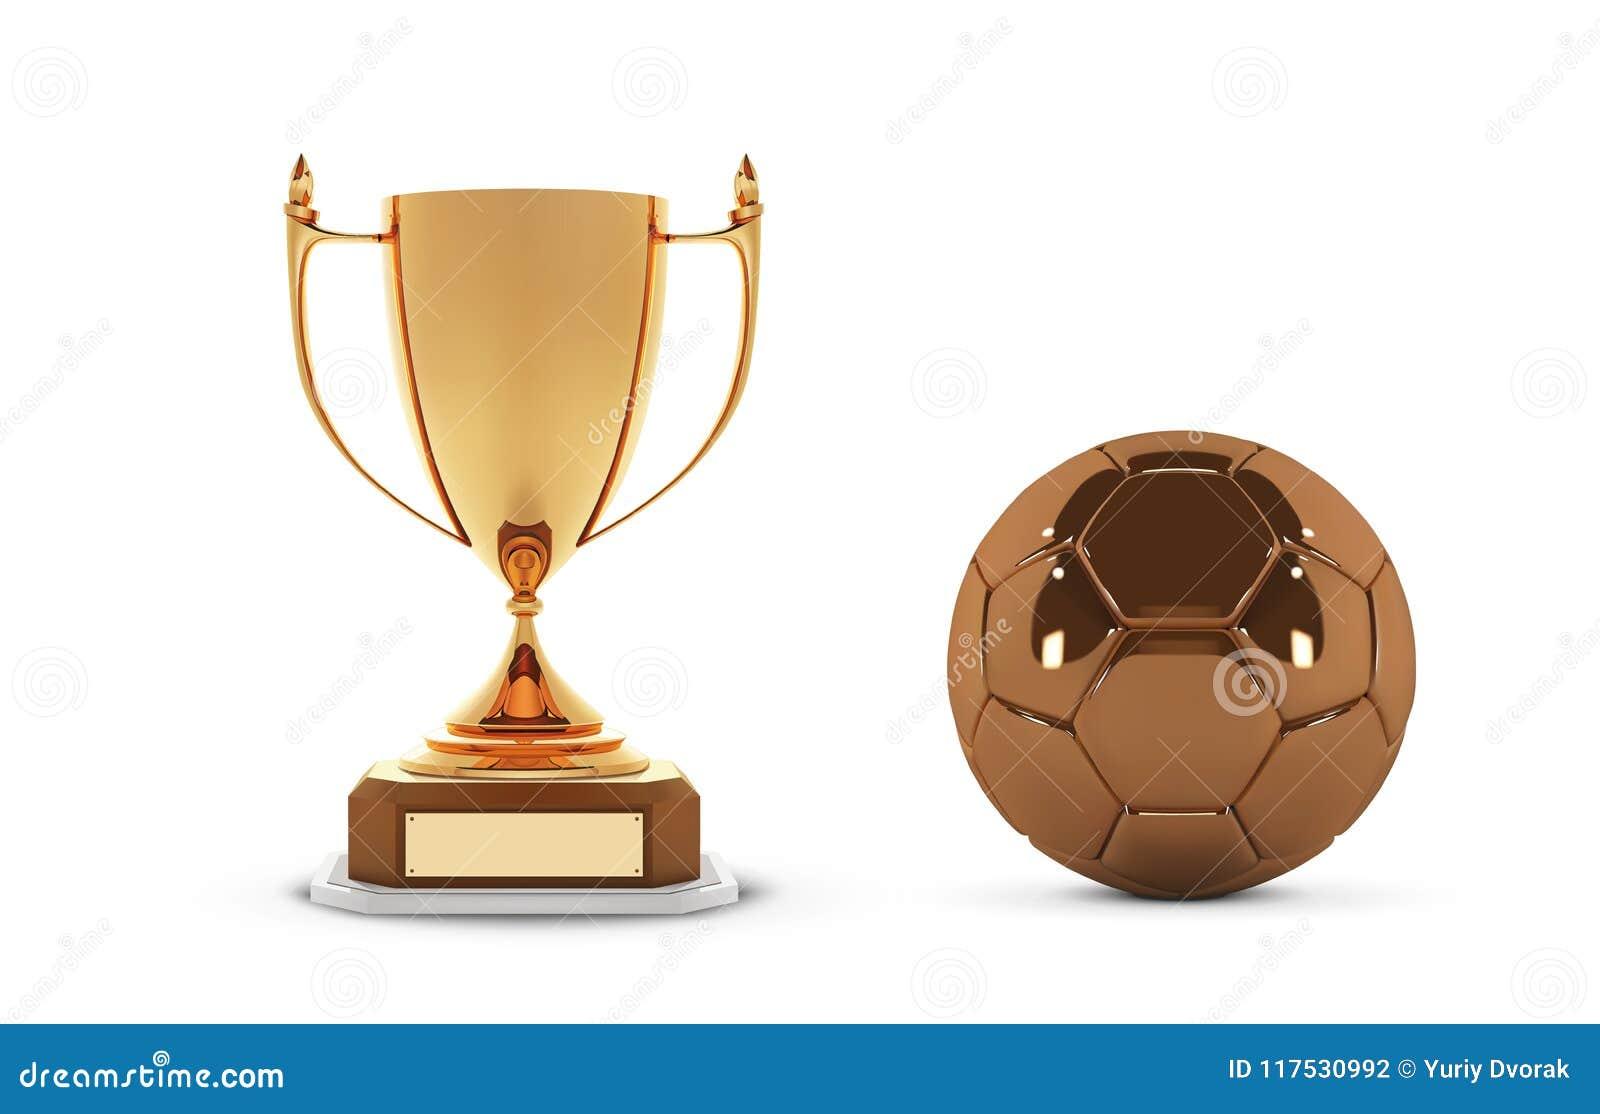 0b04a4d3f45e3 Copo dourado realístico do troféu com bola do ouro Copo do vencedor e bola  do futebol